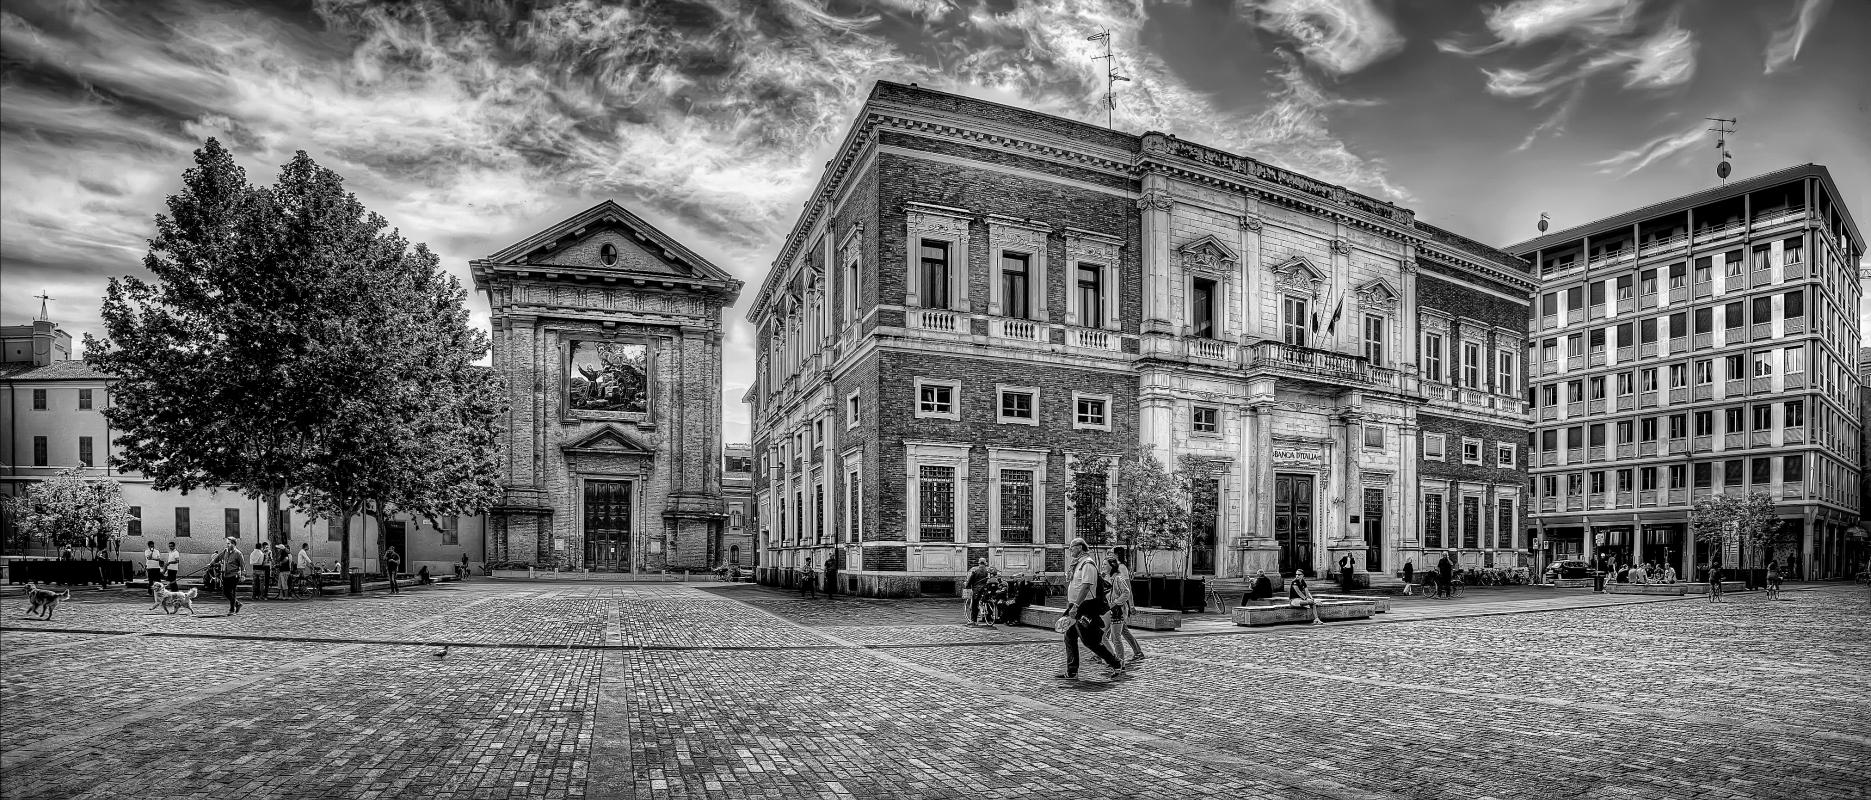 Piazza Martiri 7 Luglio - Goethe100 - Reggio nell'Emilia (RE)